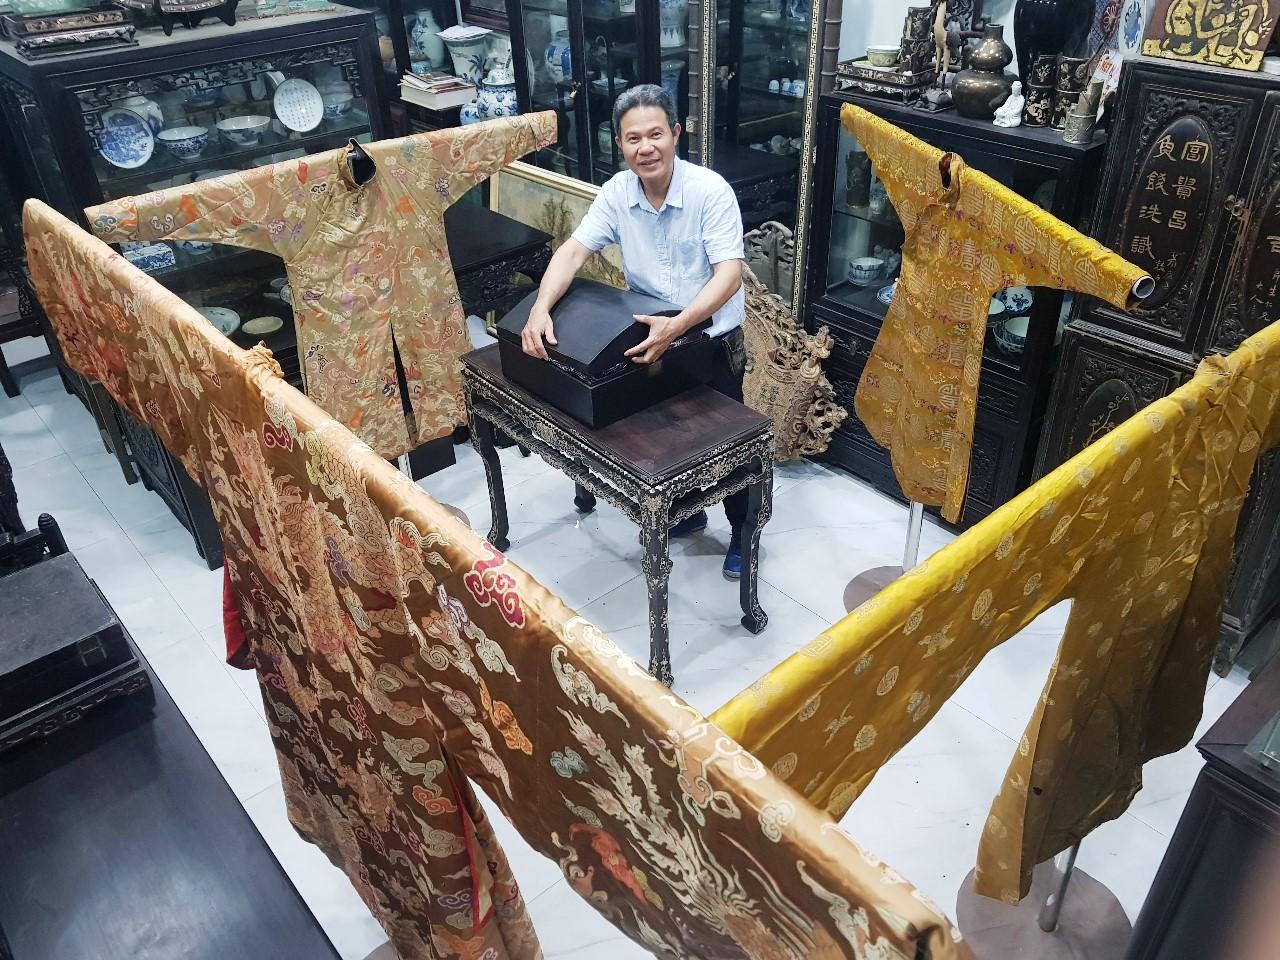 Ngắm bộ sưu tập cá nhân trang phục triều Nguyễn hiếm có tại Huế